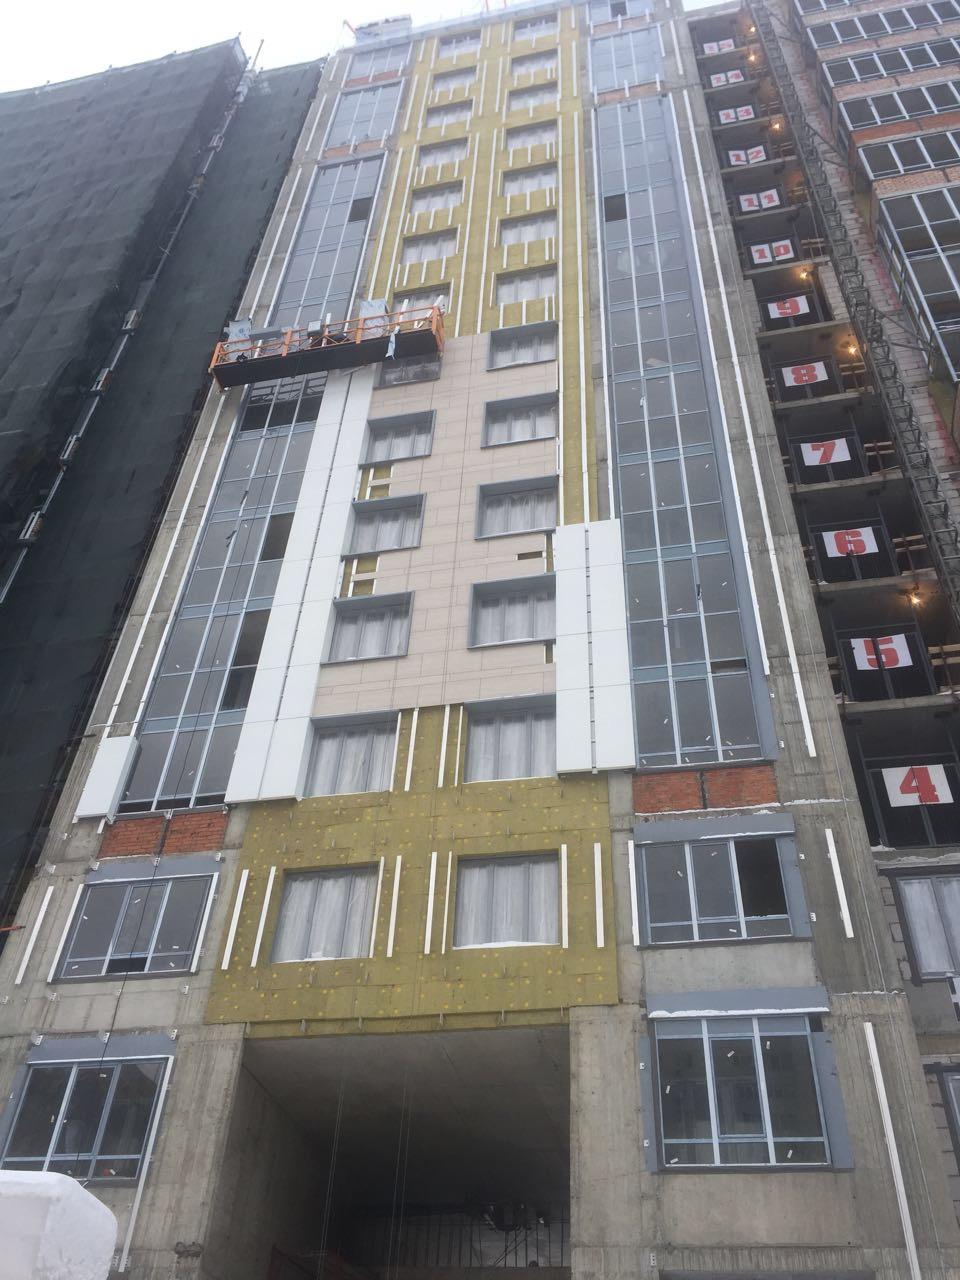 Выполнение работ по устройству вентилируемых фасадов жилого комплекса для ООО «Антс-Групп» в СПб